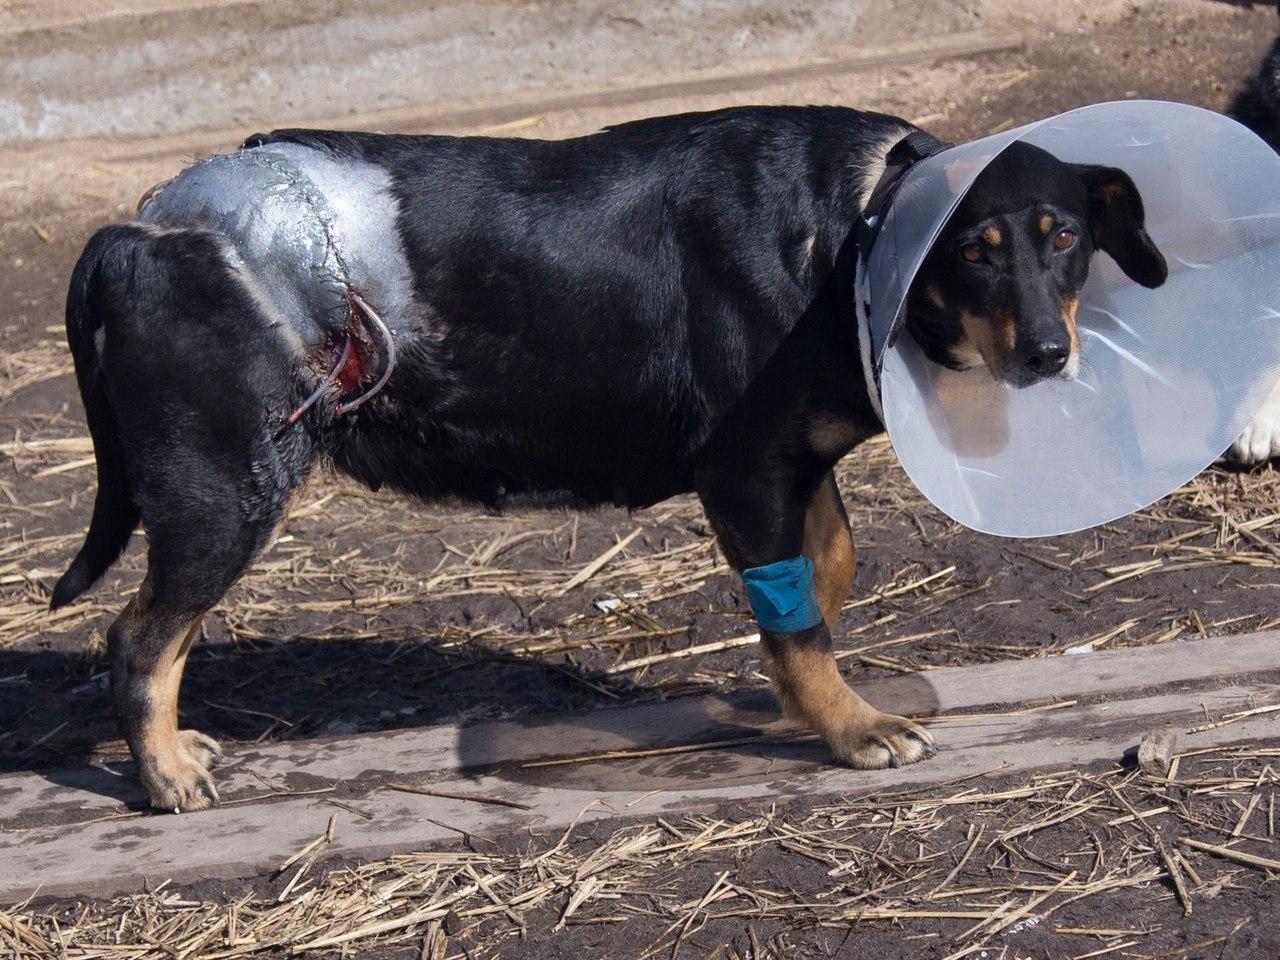 История Землянички - ласковой собаки, которую едва не разрубили пополам! рис 5